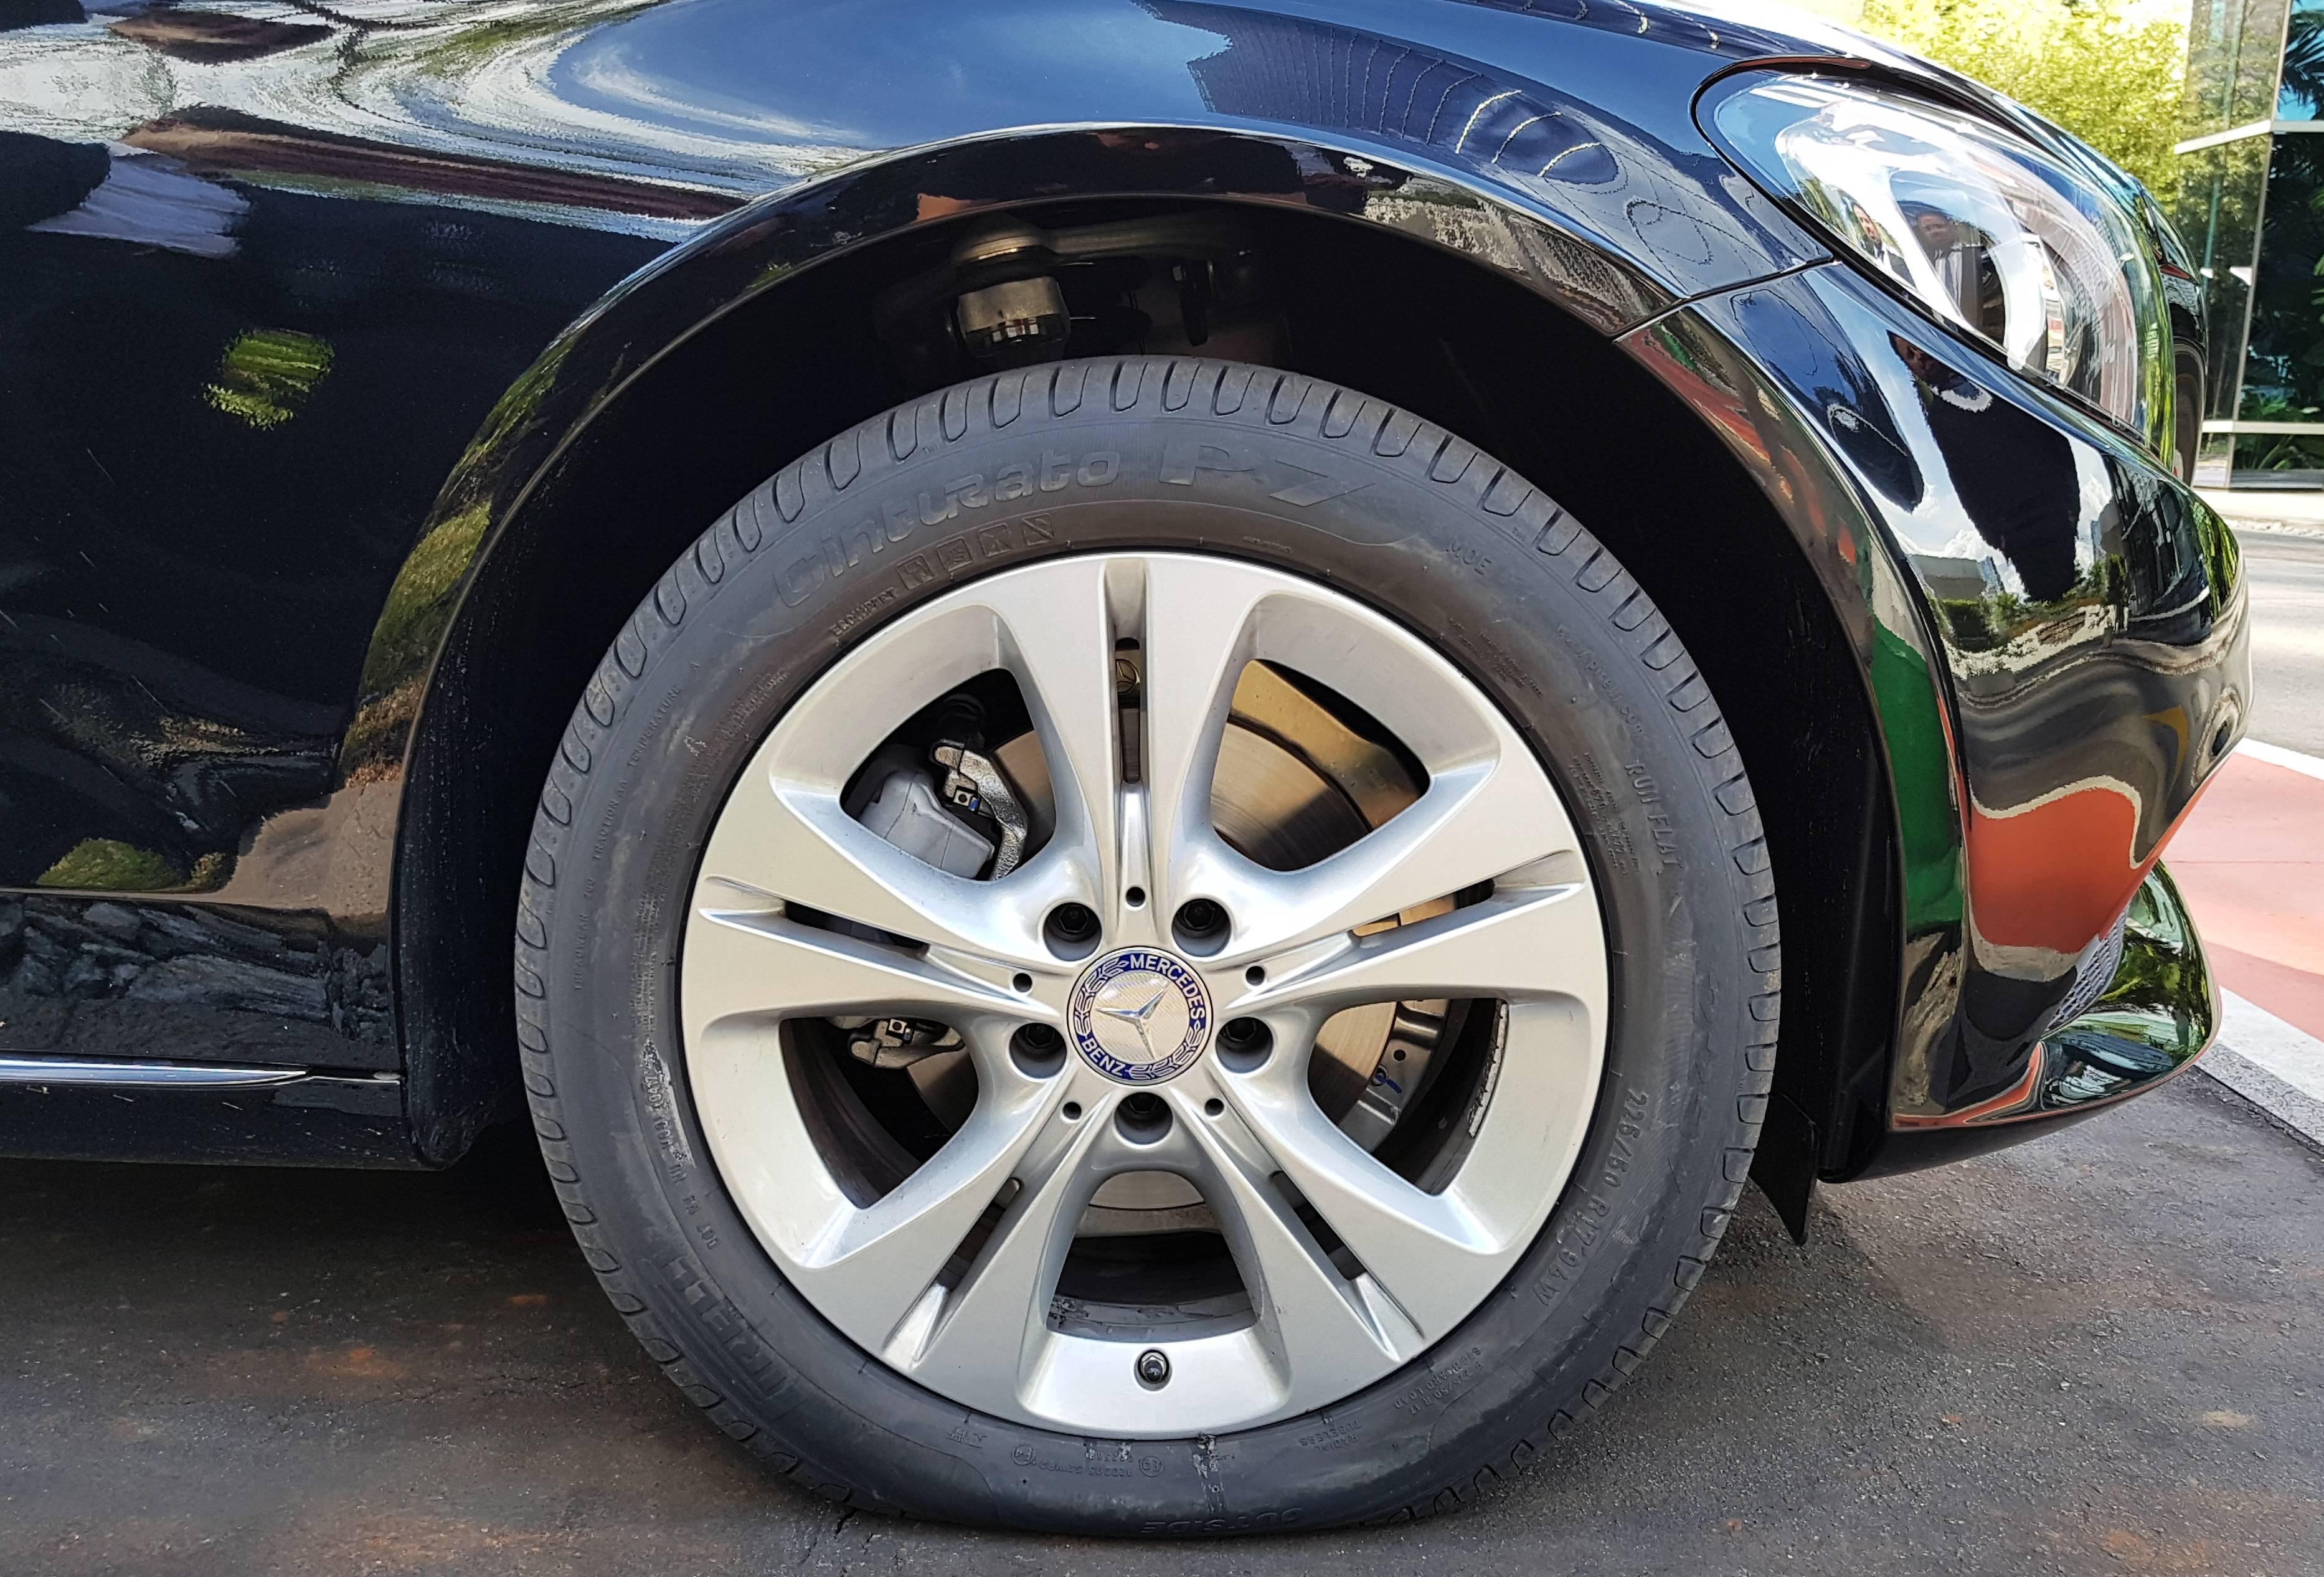 Sem ar na câmara, o peso do carro fica apoiado no flanco do pneu Run Flat (Ulisses Cavalcante/Quatro Rodas)